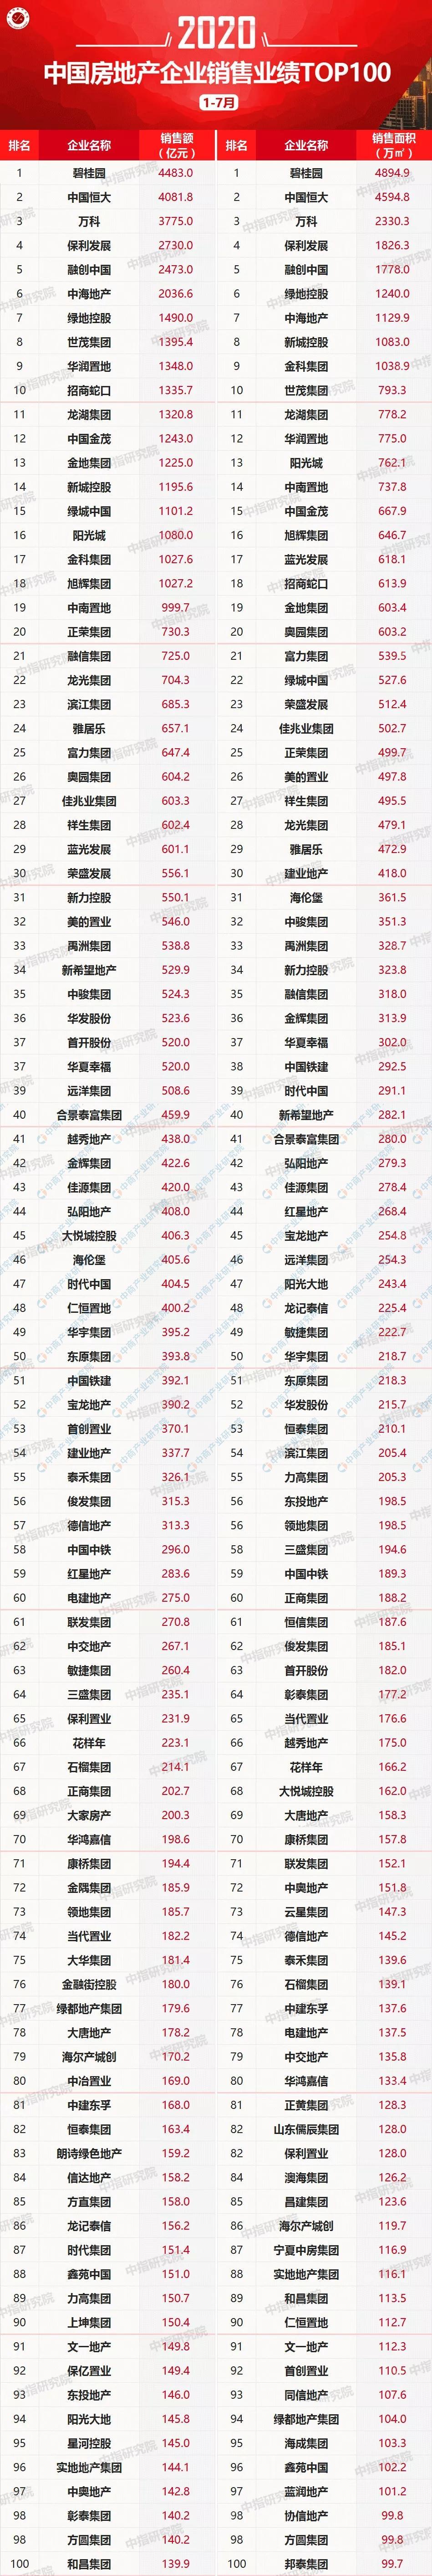 2020年1-7月中国房企销售额排行榜TOP100:碧桂园第一 万科第三